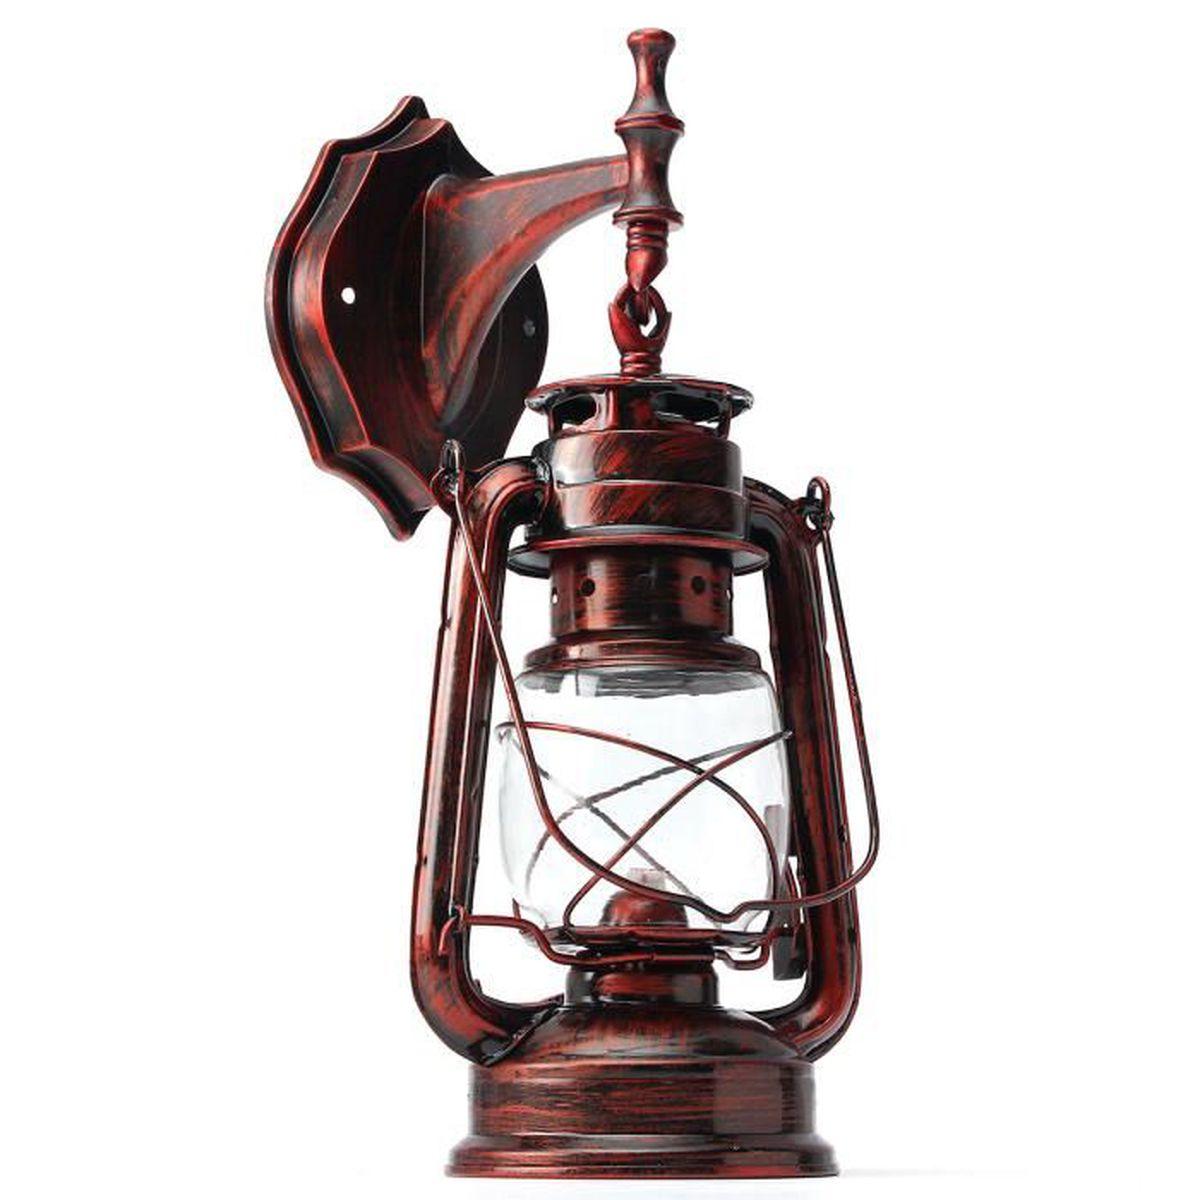 neufu abat jour ampoule industriel r tro lanterne lampe m tal rustique applique murale rouge. Black Bedroom Furniture Sets. Home Design Ideas